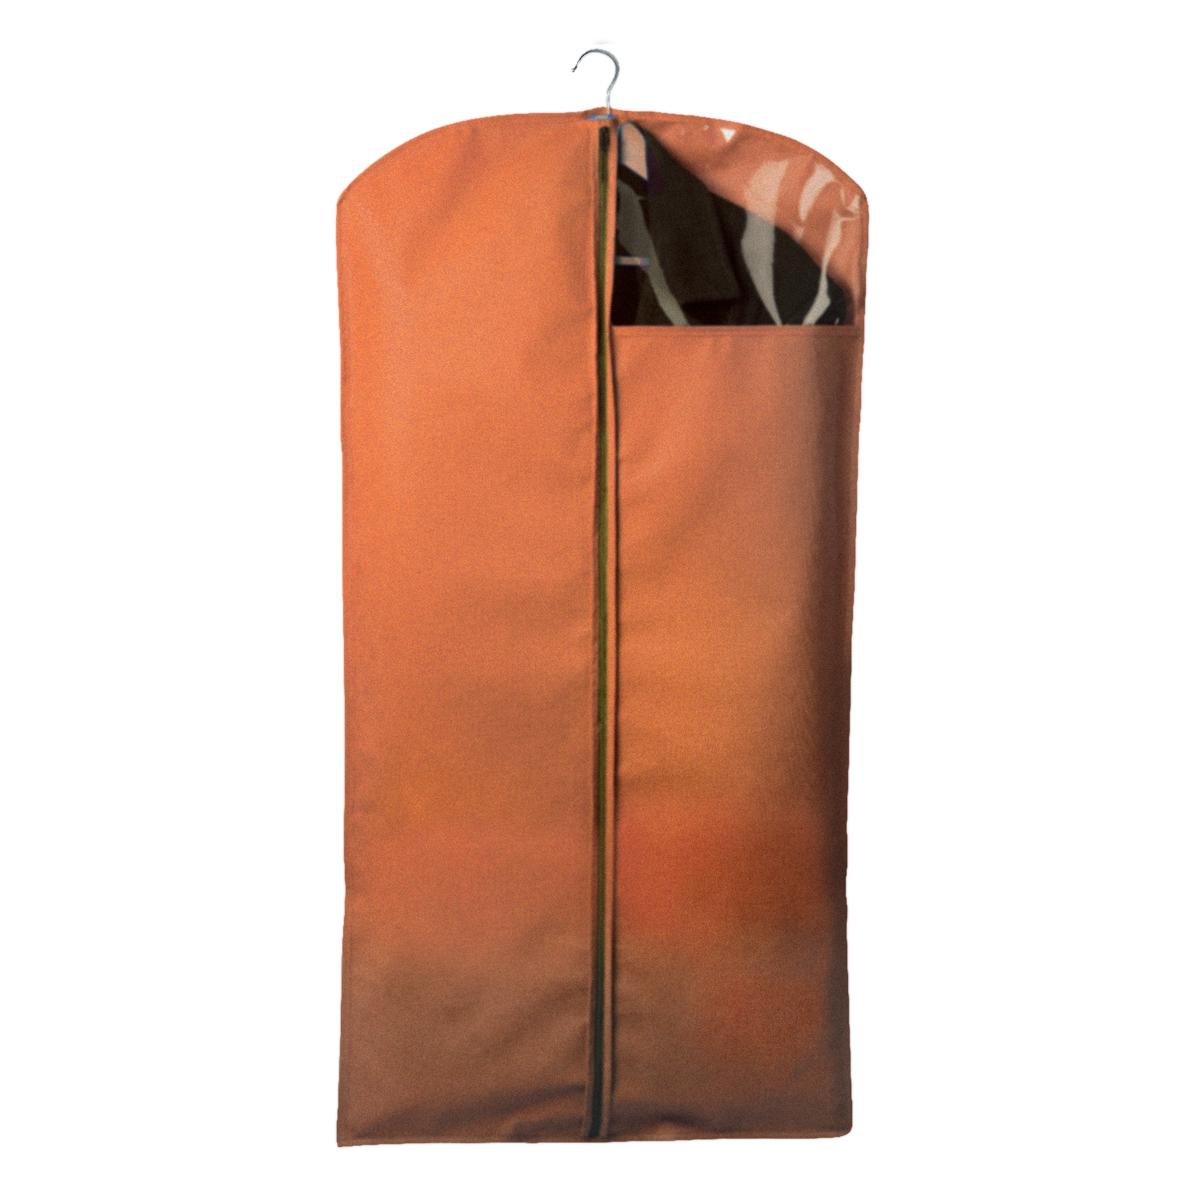 Чехол для одежды Miolla, цвет: оранжевый, 120 х 60 смCHL-2-6Чехол для костюмов и платьев 120 x 60 см оранжевый